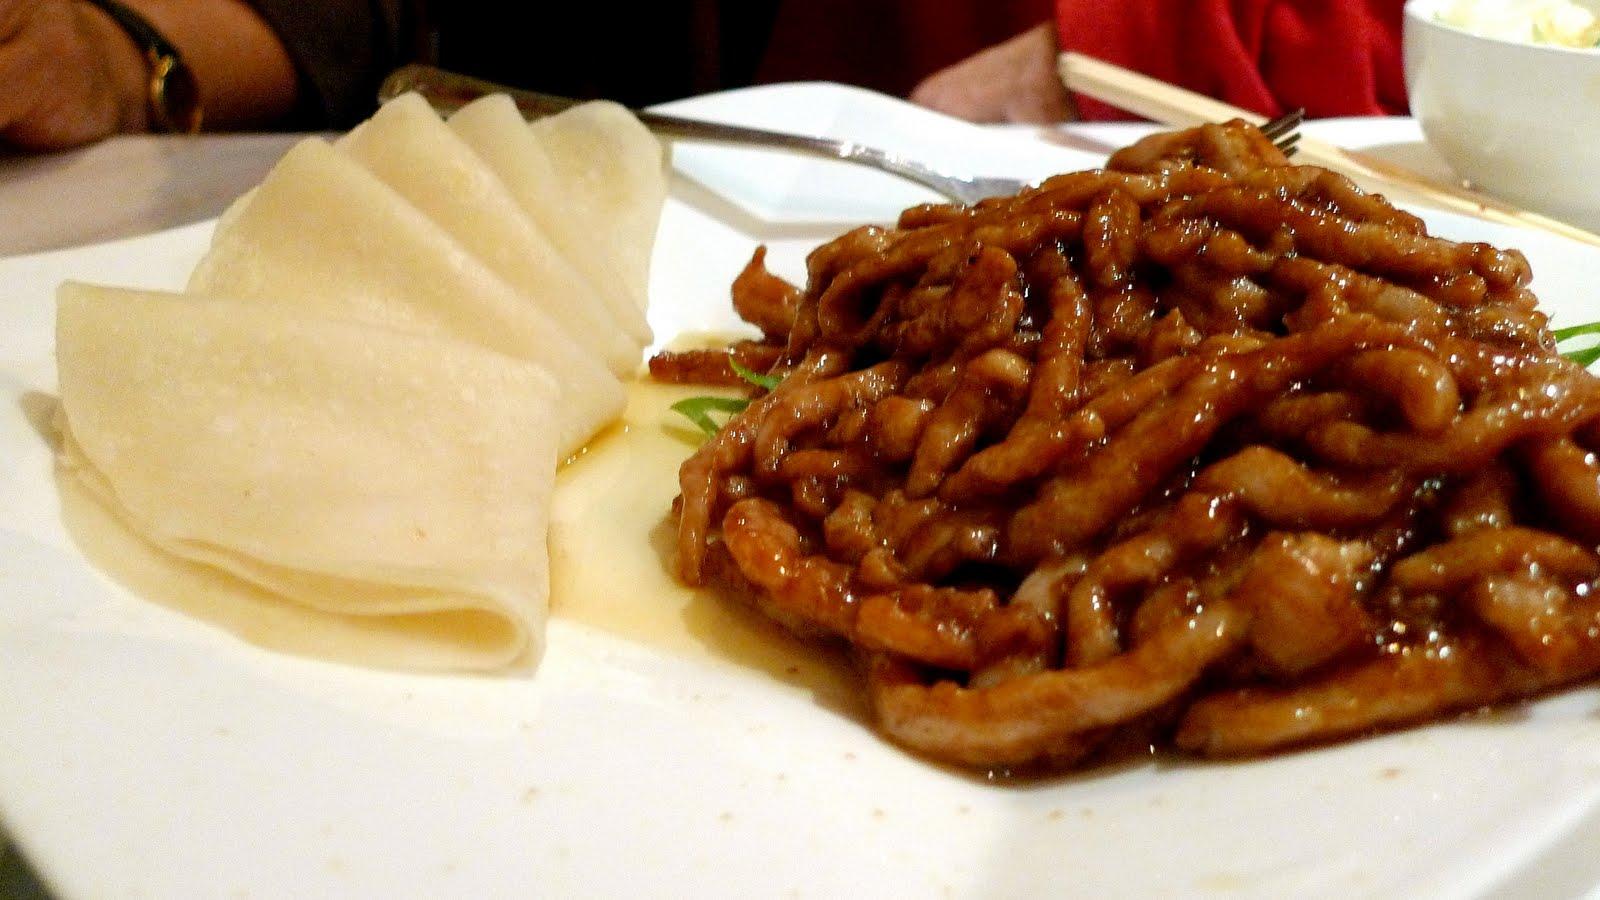 The Sydney Tarts Red Chilli Sichuan Restaurant